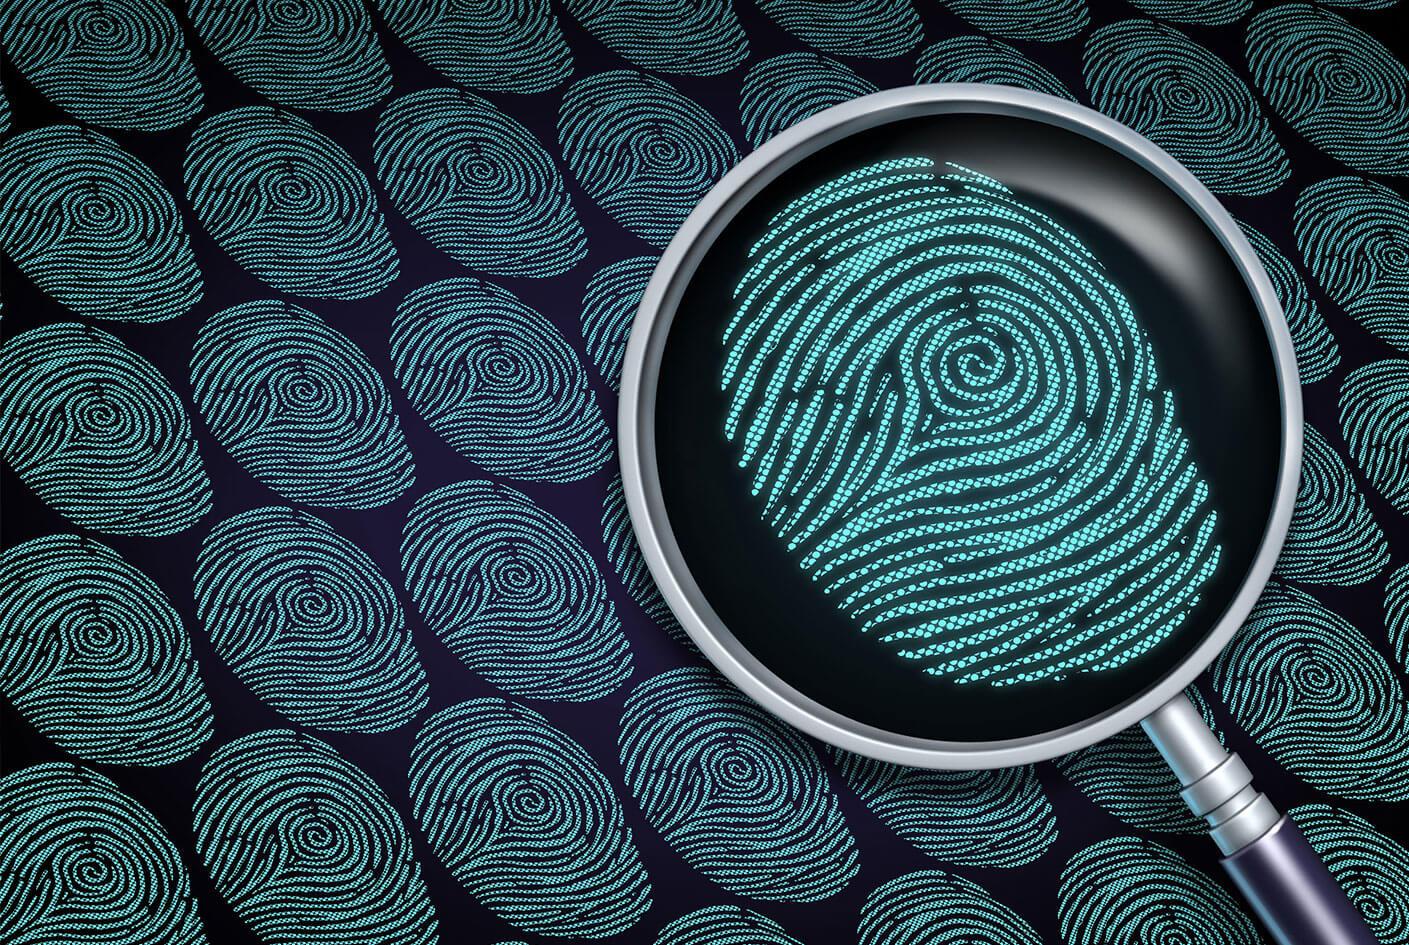 fingerprint criminal alias search concept